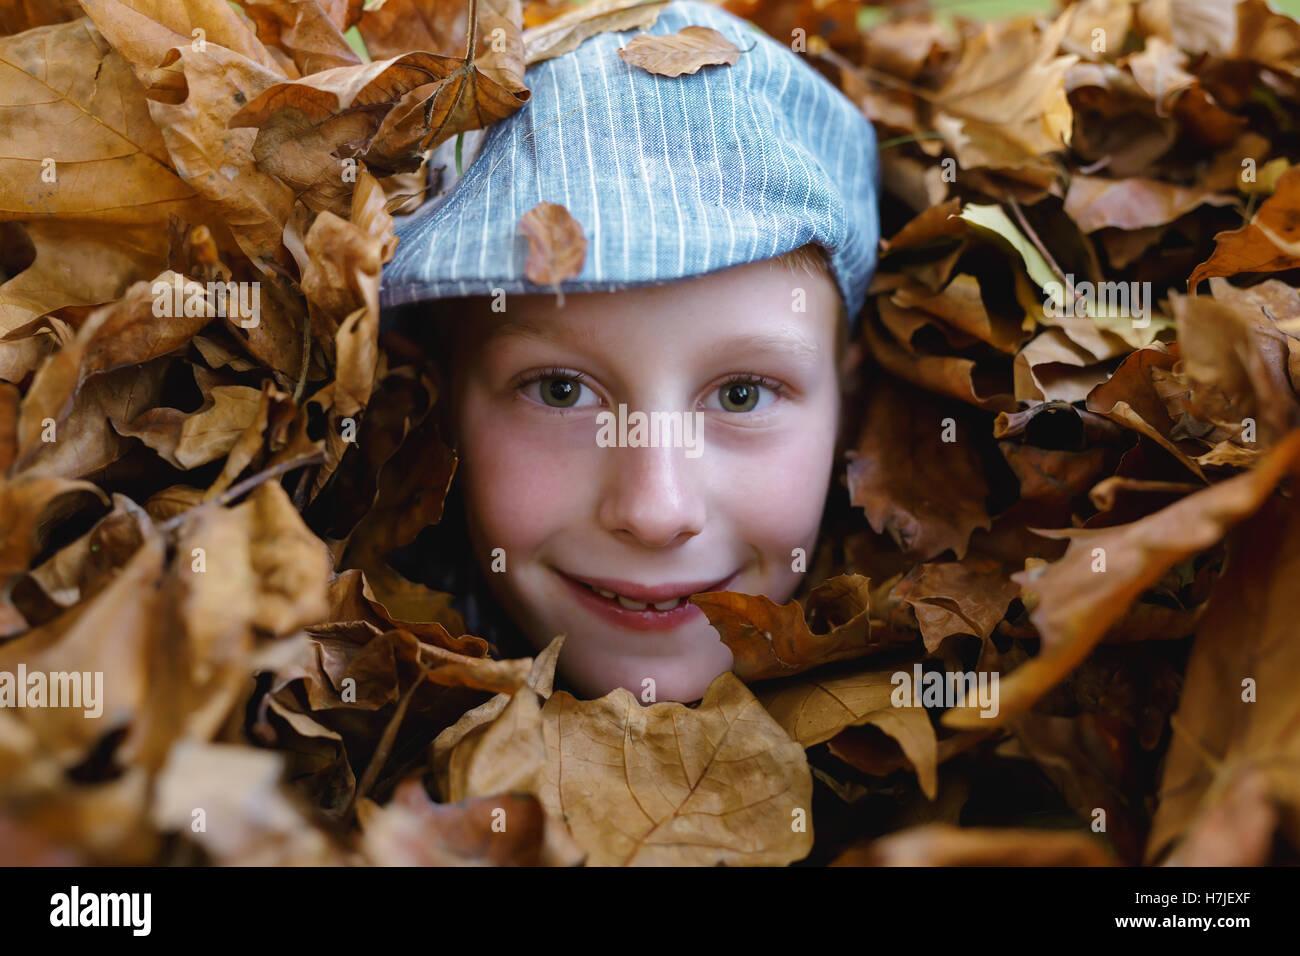 Felice l'autunno. Ragazzo rétro tappo piatto guardando fuori di foglie secche palo in autunno park. Immagini Stock